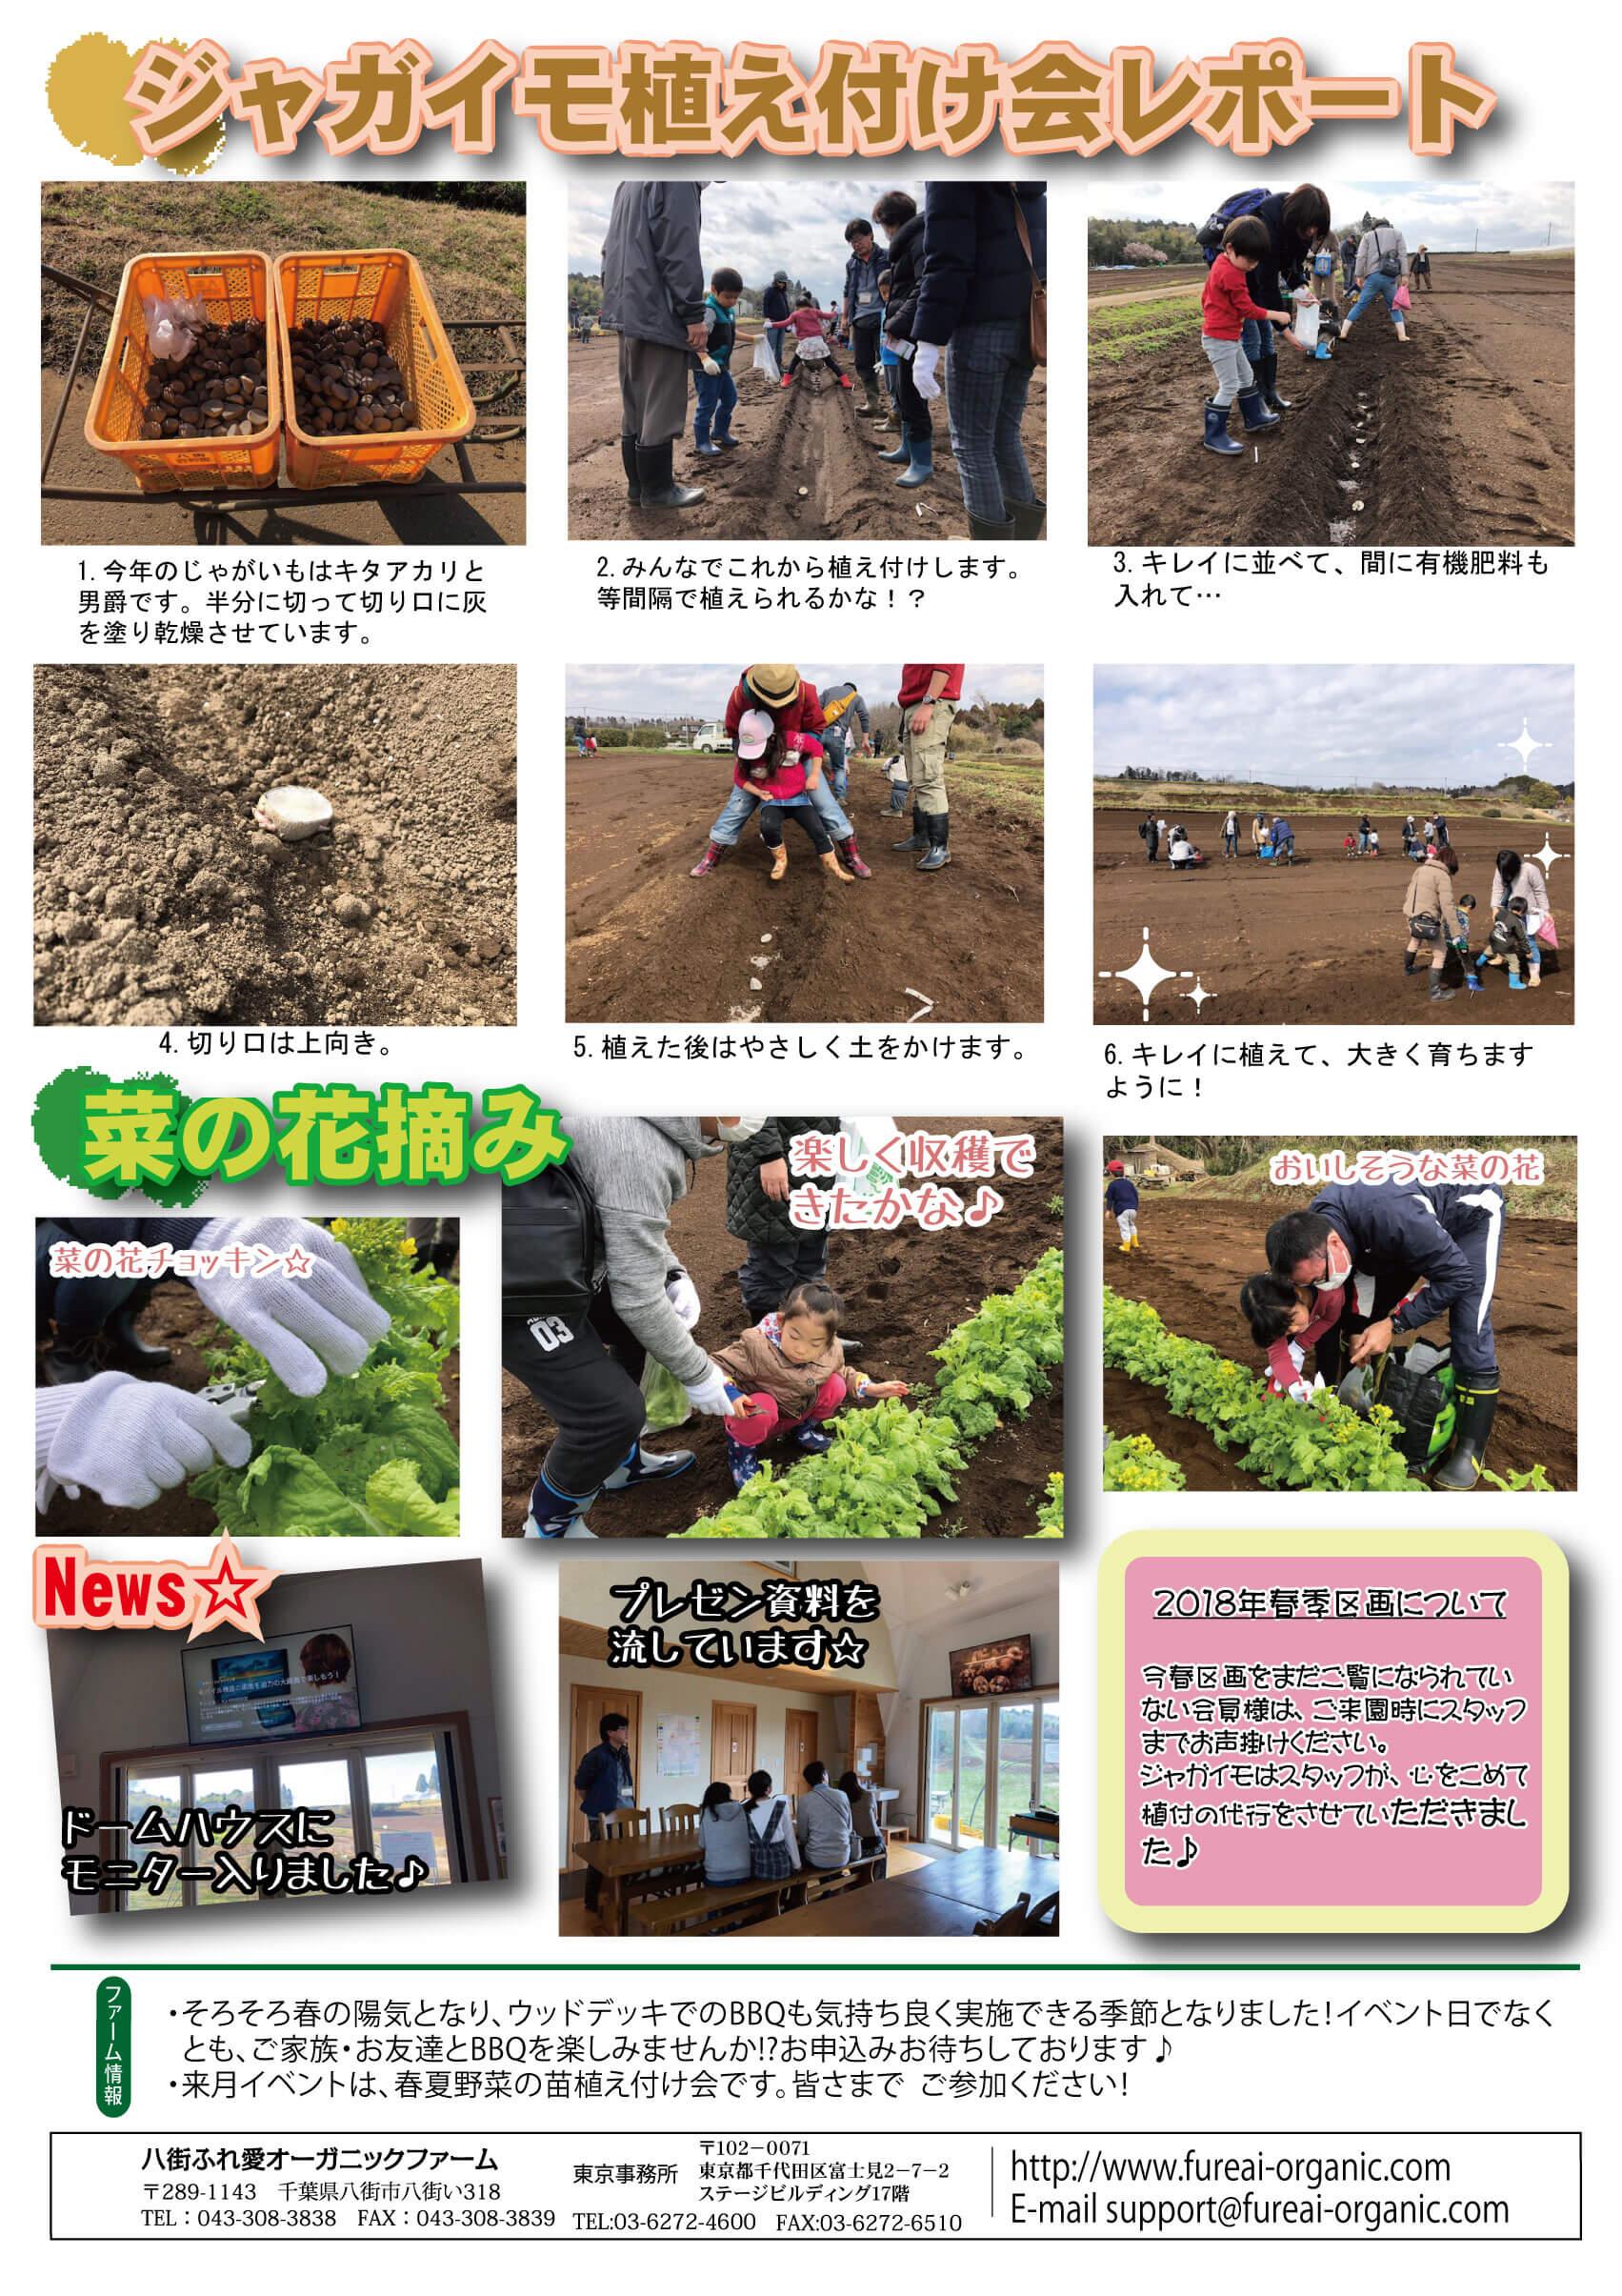 ジャガイモ植え付け会レポート